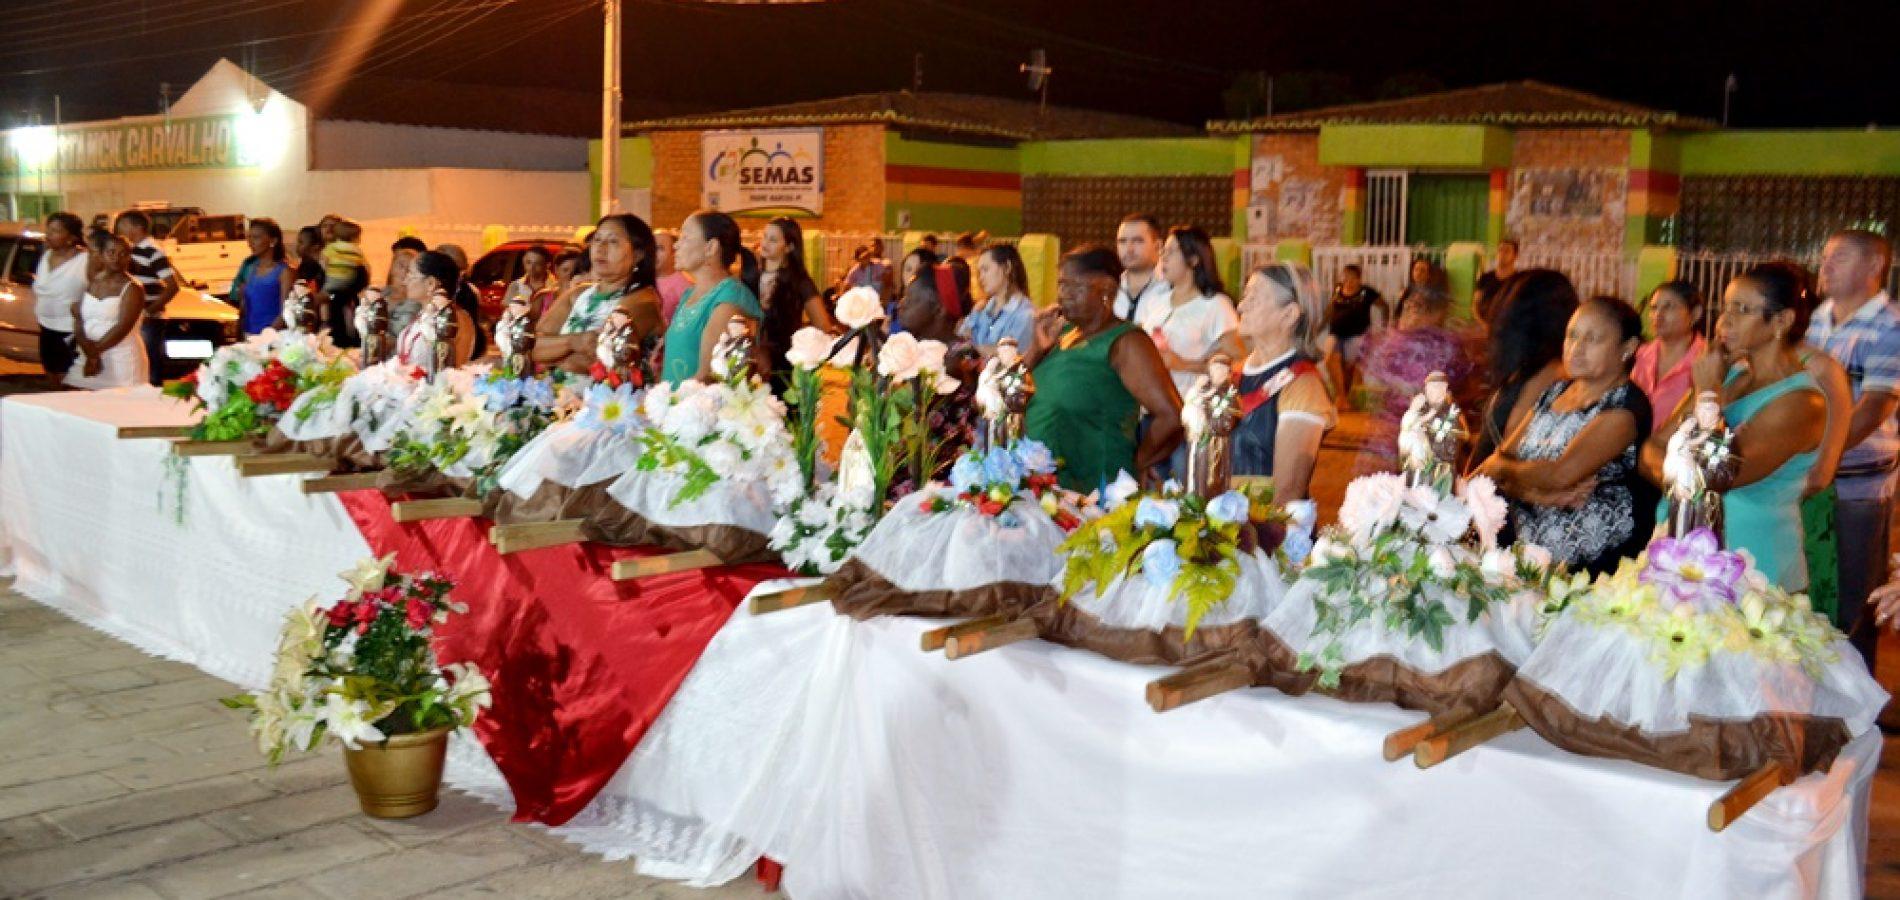 PADRE MARCOS | Festejos de Santo Antônio tem início hoje